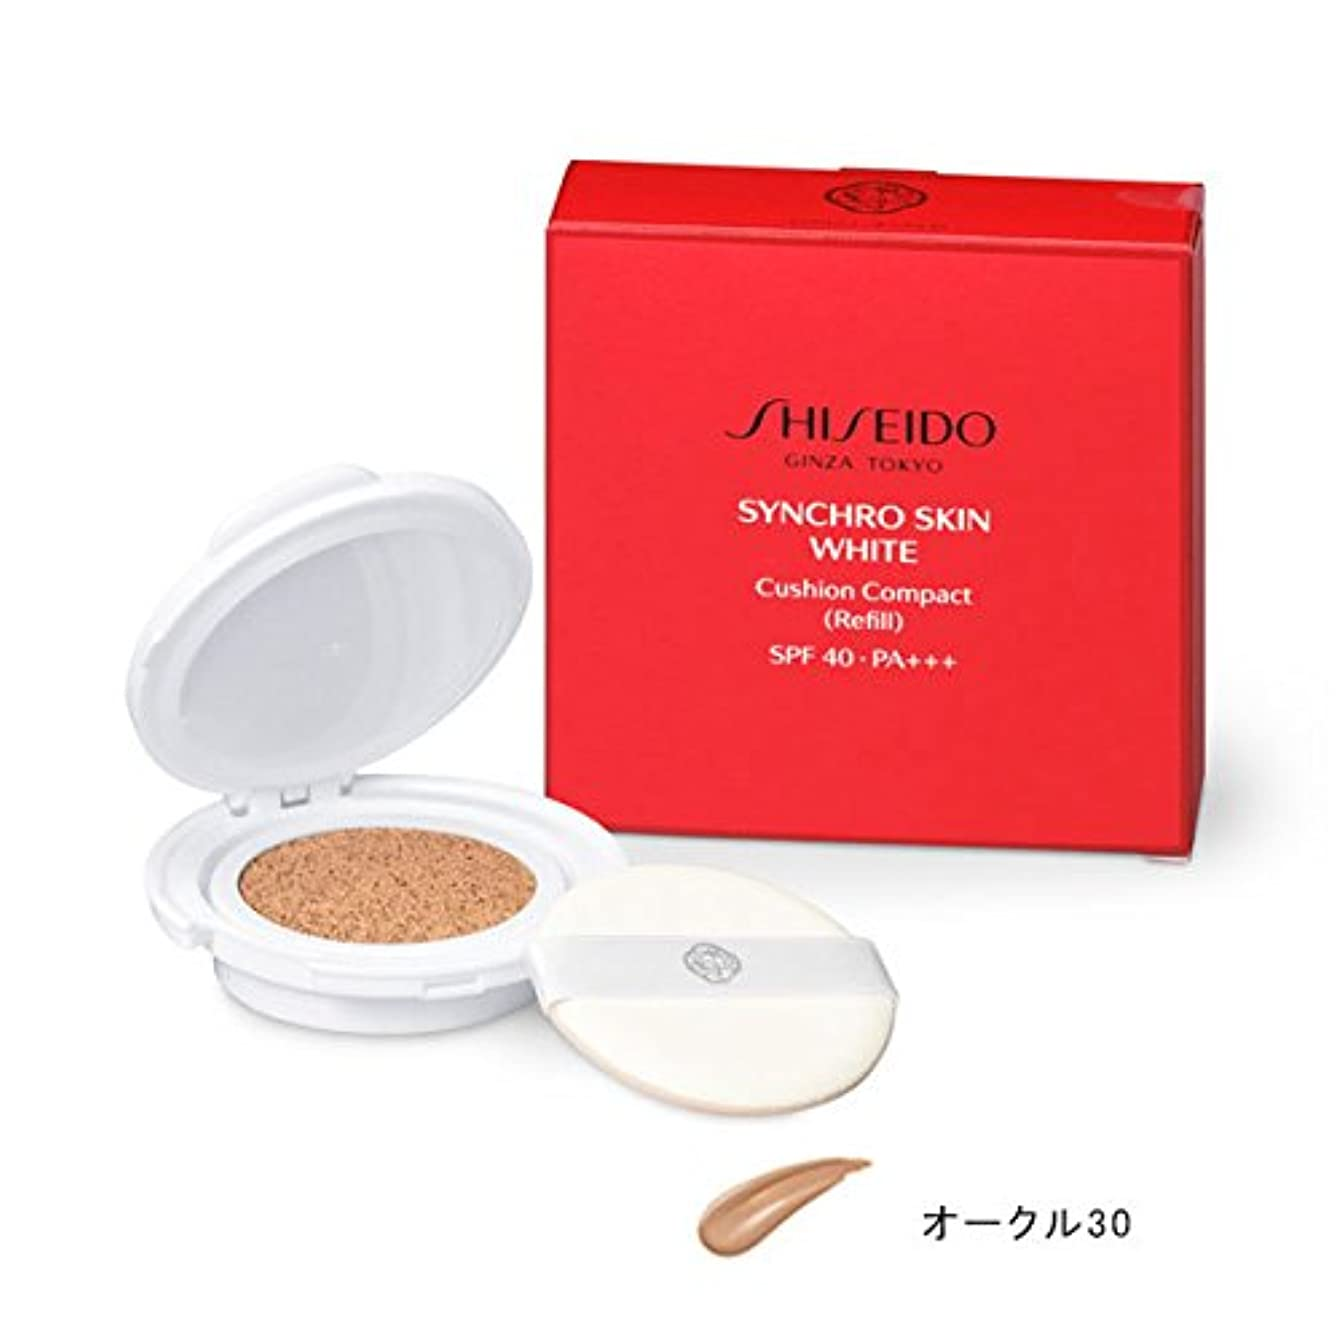 空港虫を数えるモッキンバードSHISEIDO Makeup(資生堂 メーキャップ) SHISEIDO(資生堂) シンクロスキン ホワイト クッションコンパクト WT レフィル(医薬部外品) (オークル30)